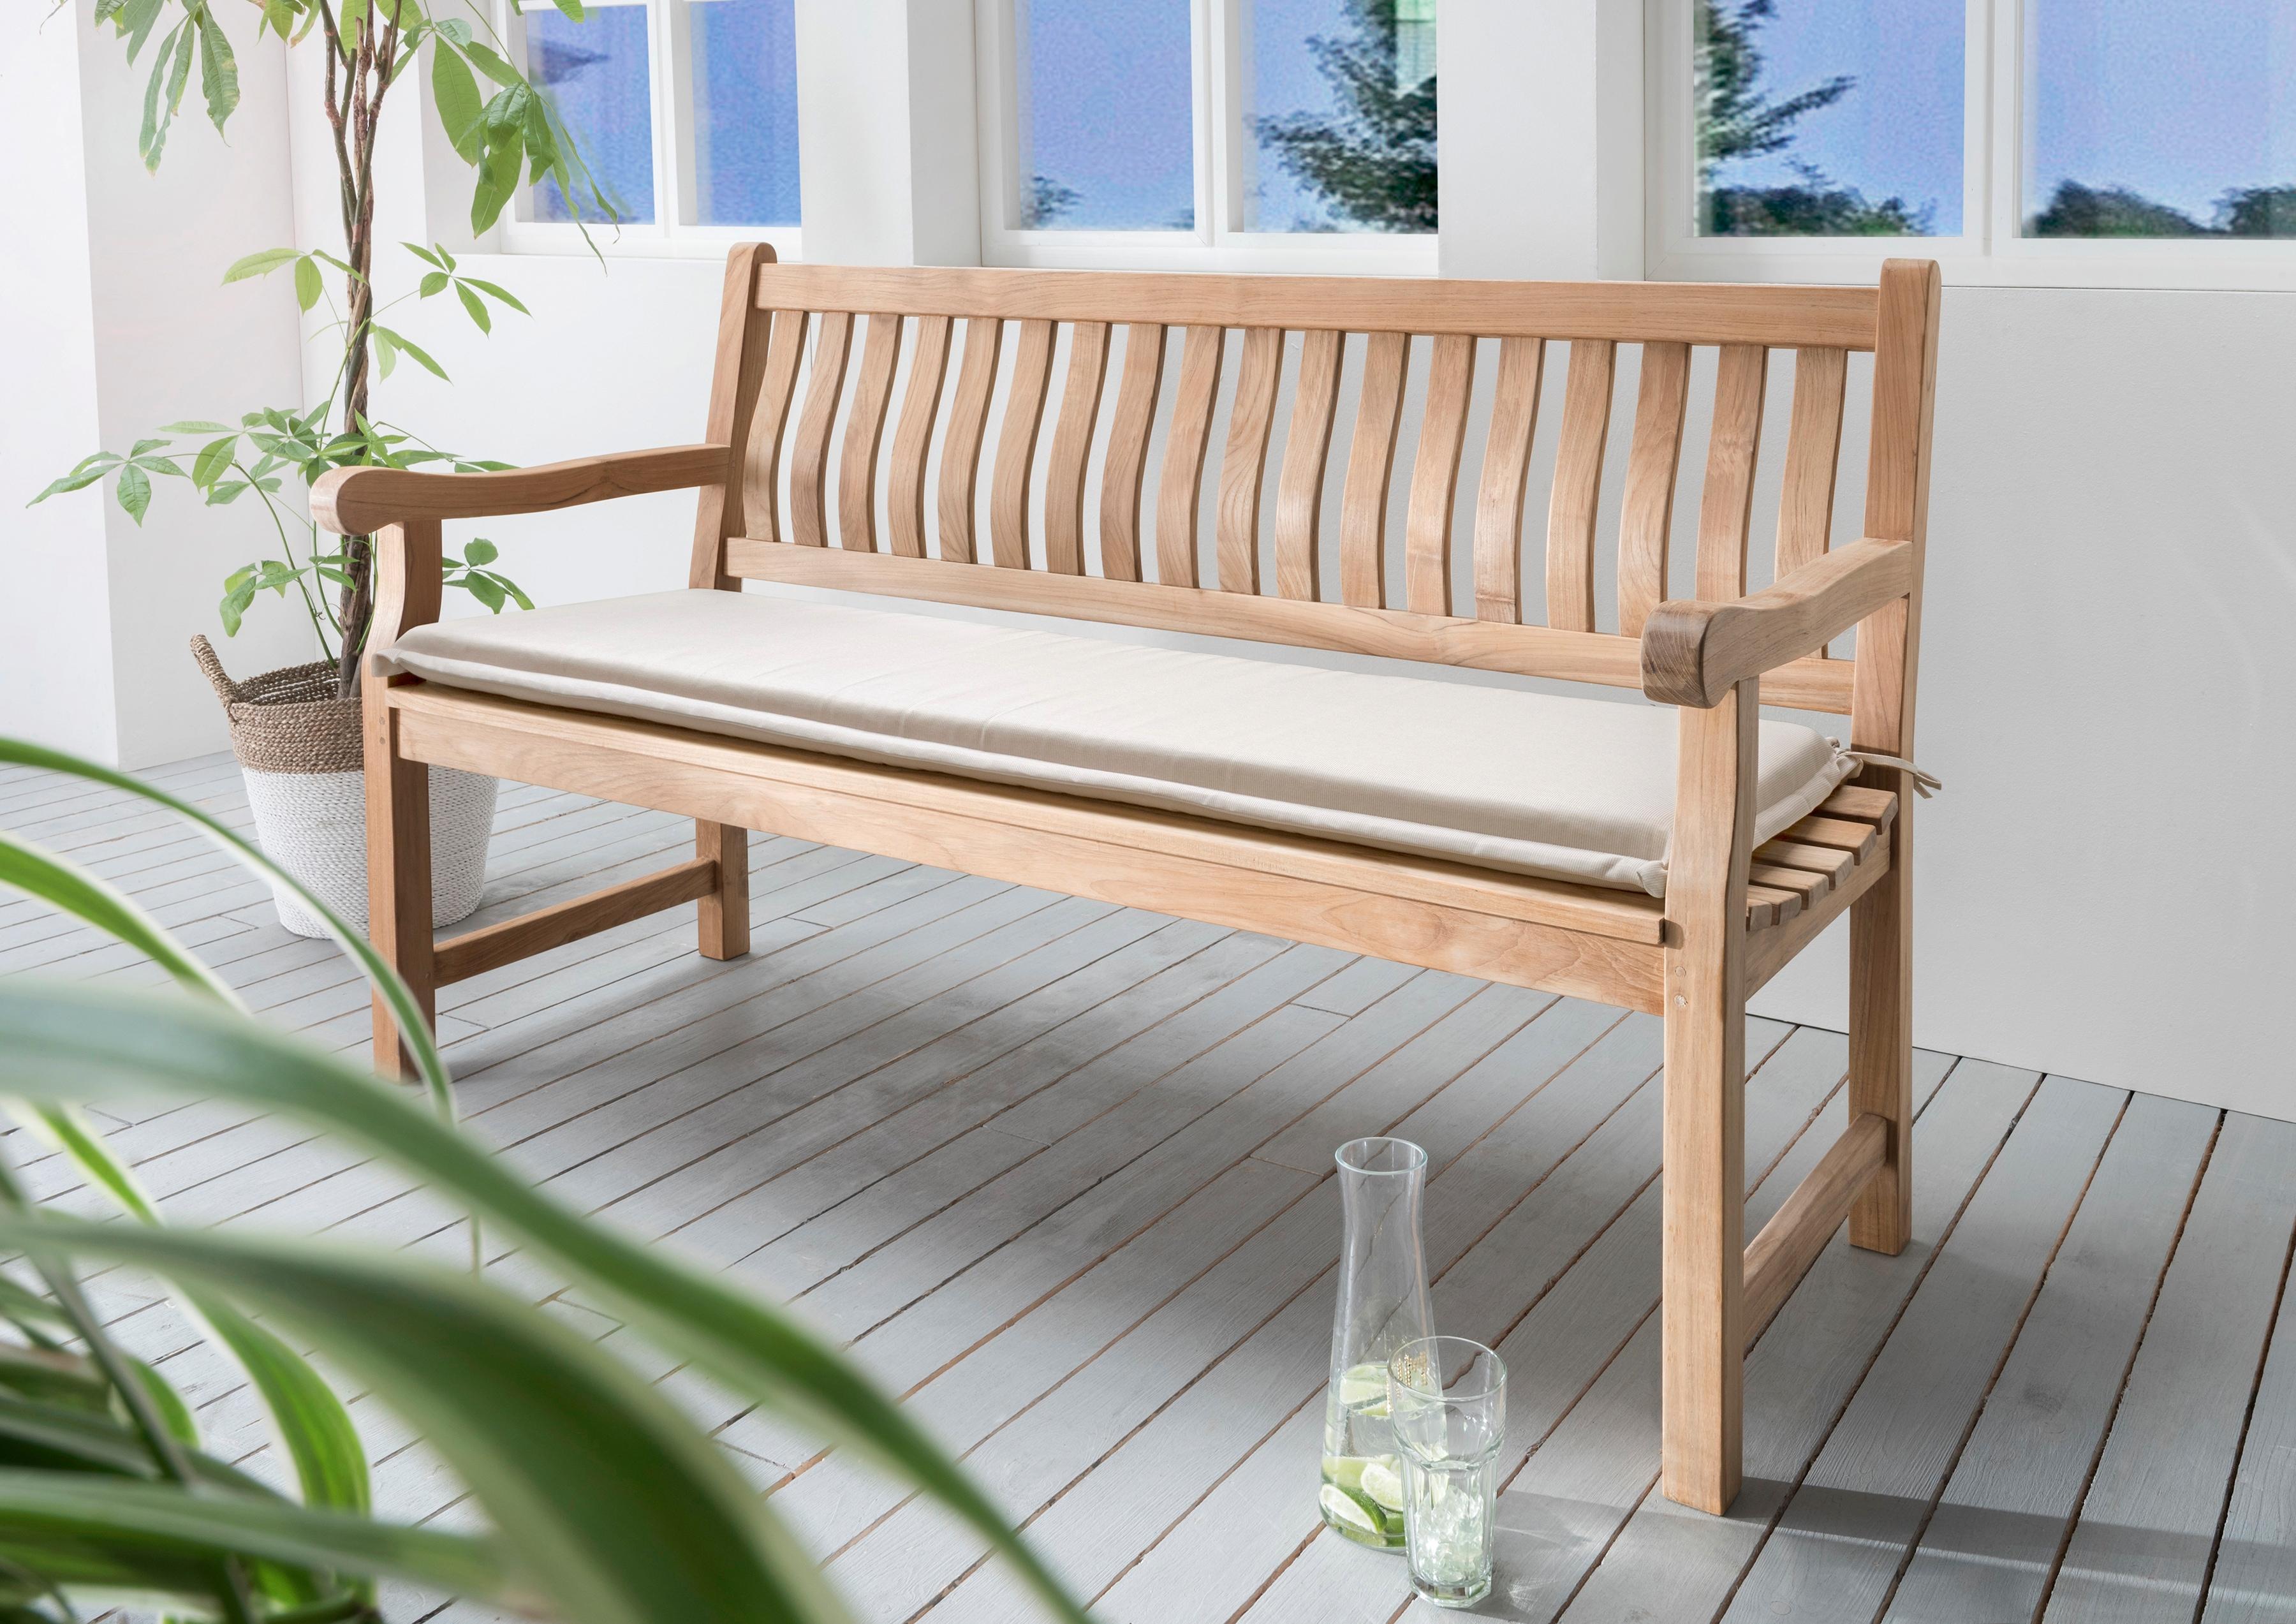 Destiny Bankauflage, 140x45 cm beige Bankauflagen Gartenmöbel-Auflagen Gartenmöbel Gartendeko Bankauflage